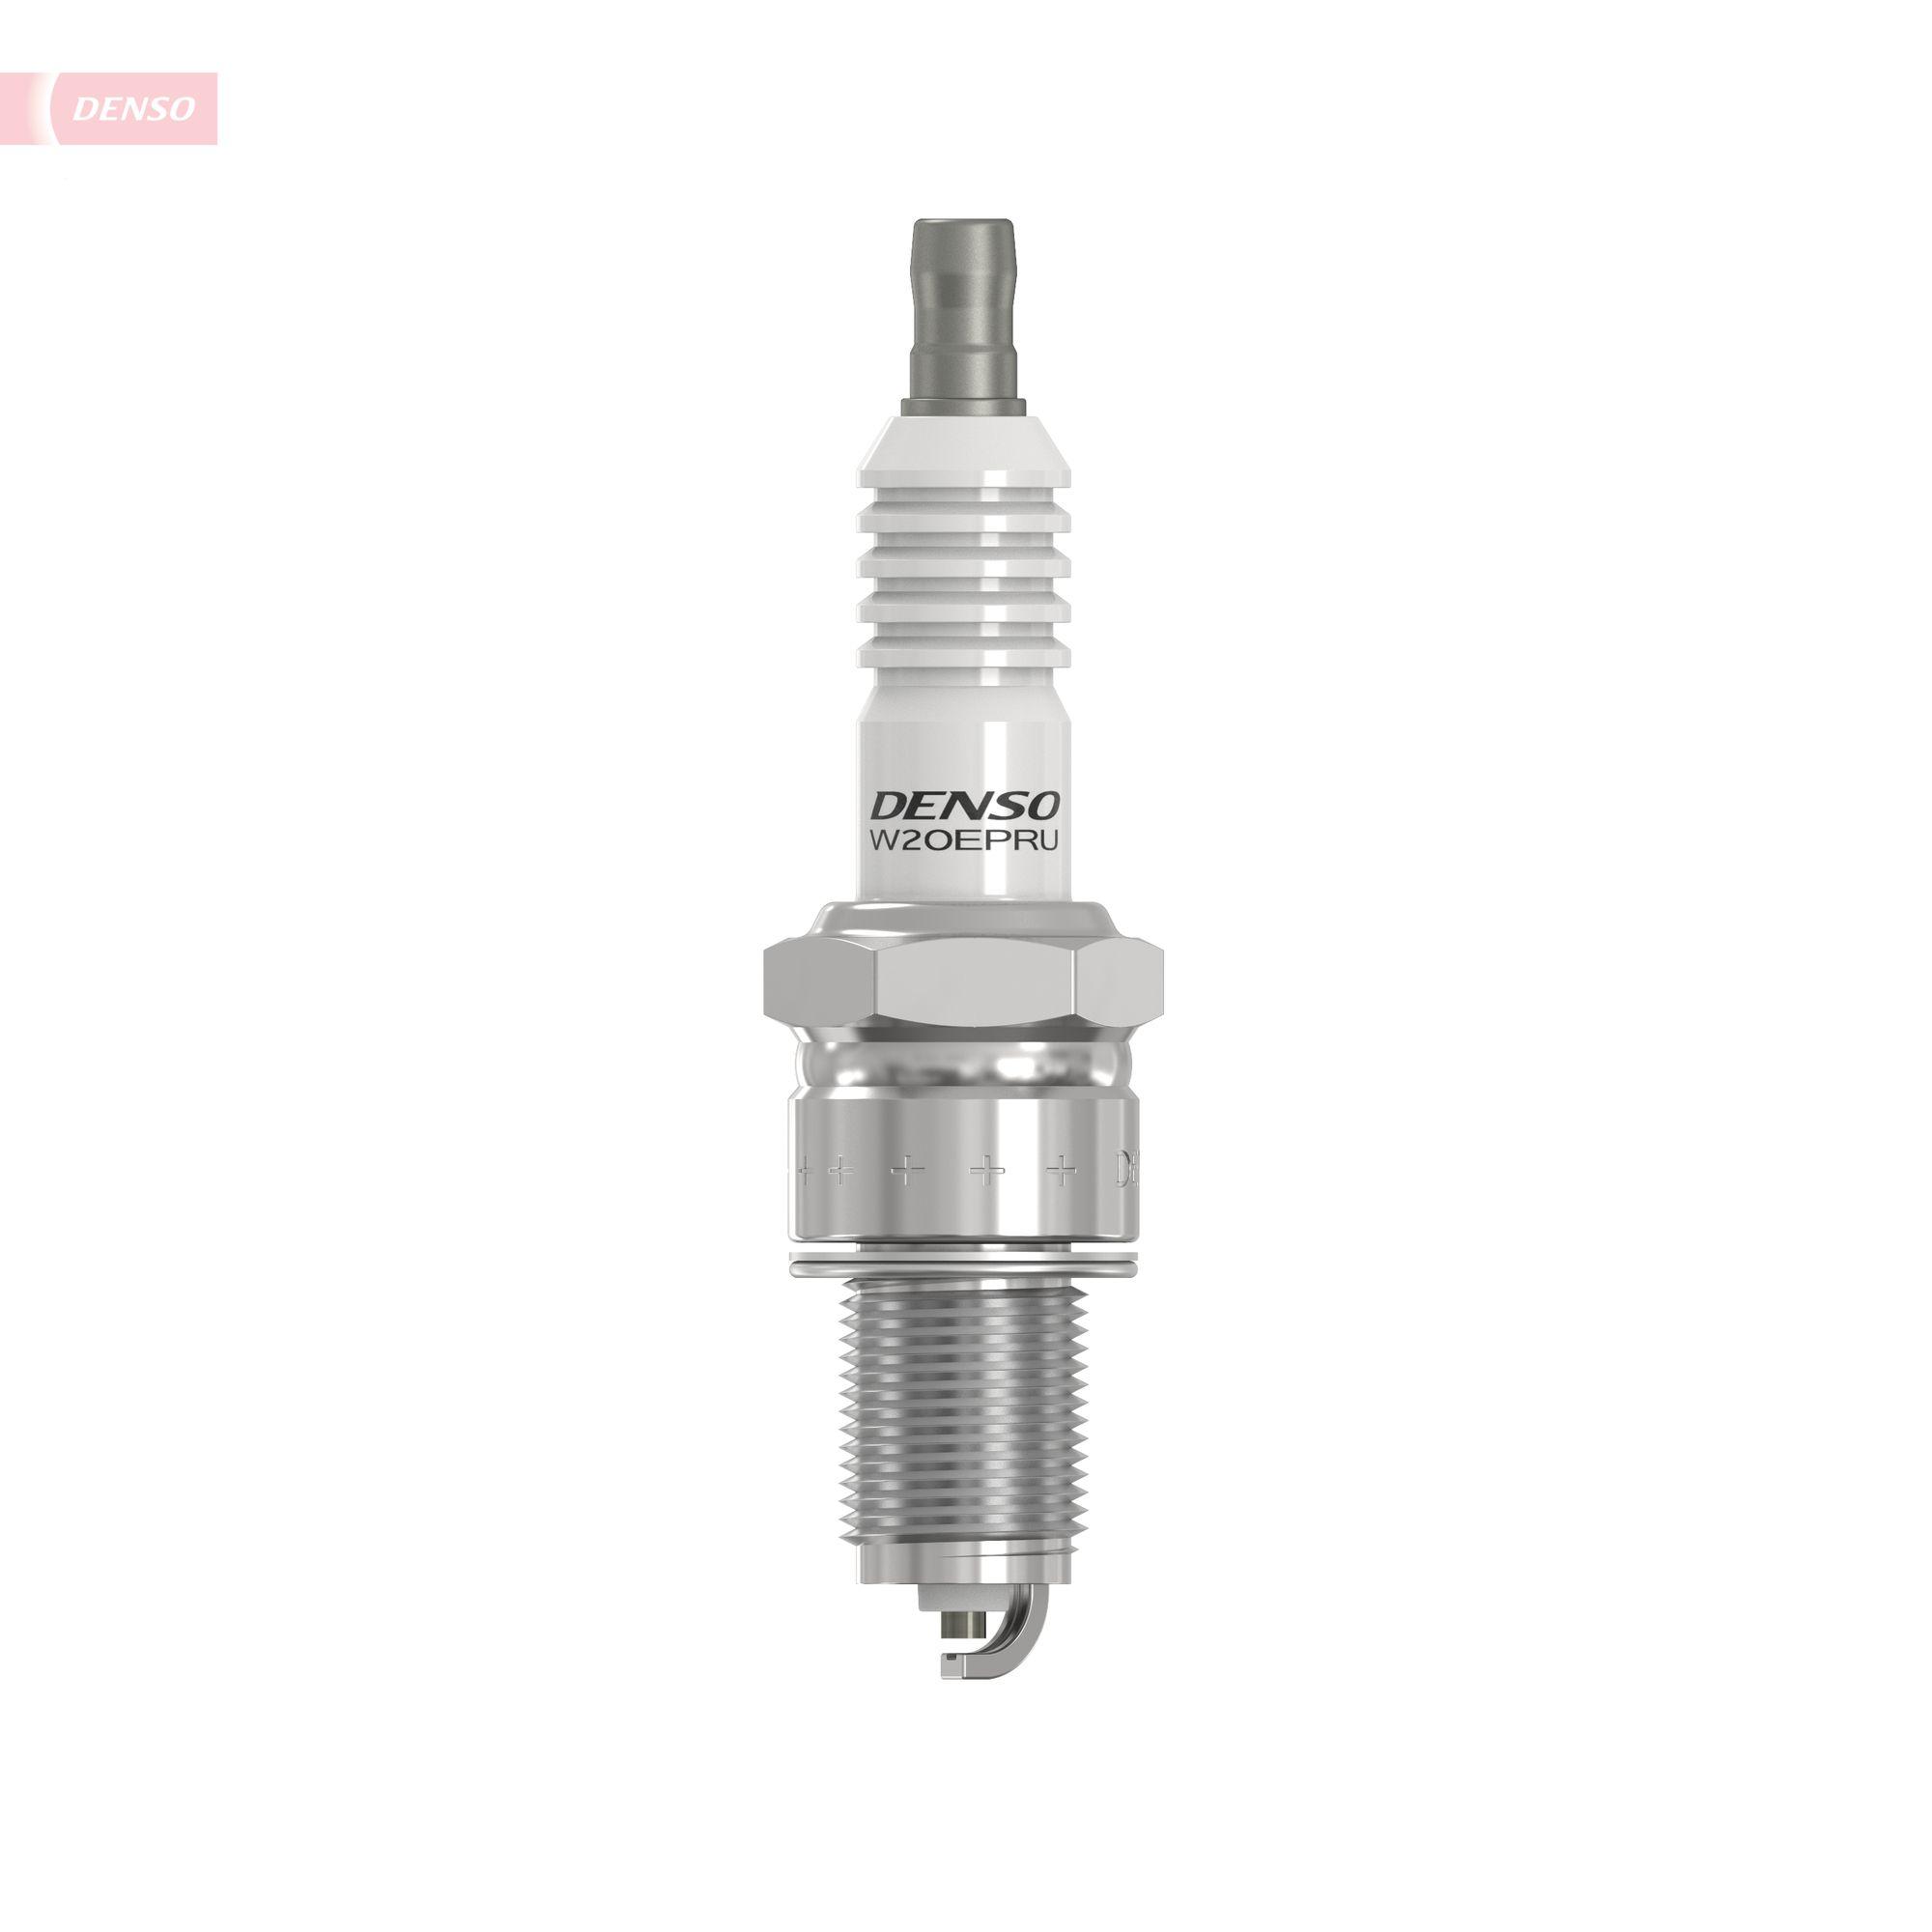 Запалителна свещ W20EPR-U за OPEL OMEGA на ниска цена — купете сега!